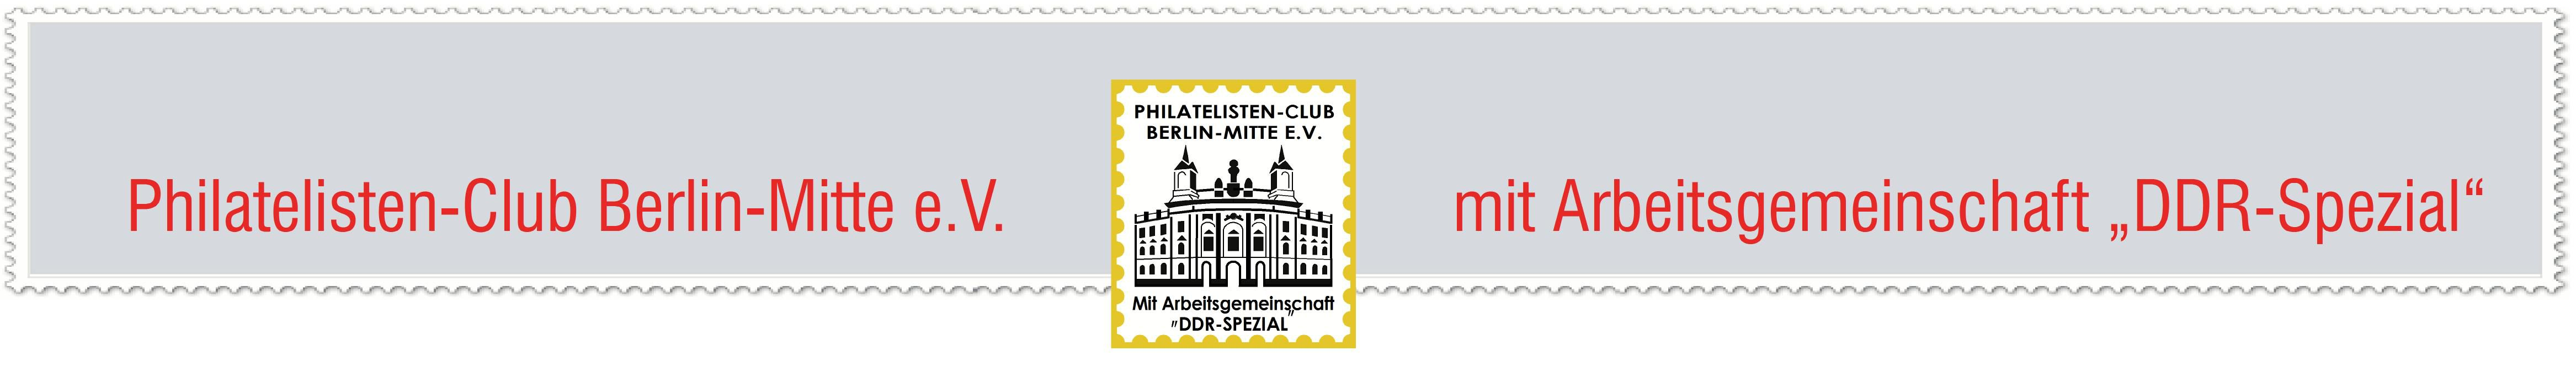 DDR Philatelie und Postgeschichte